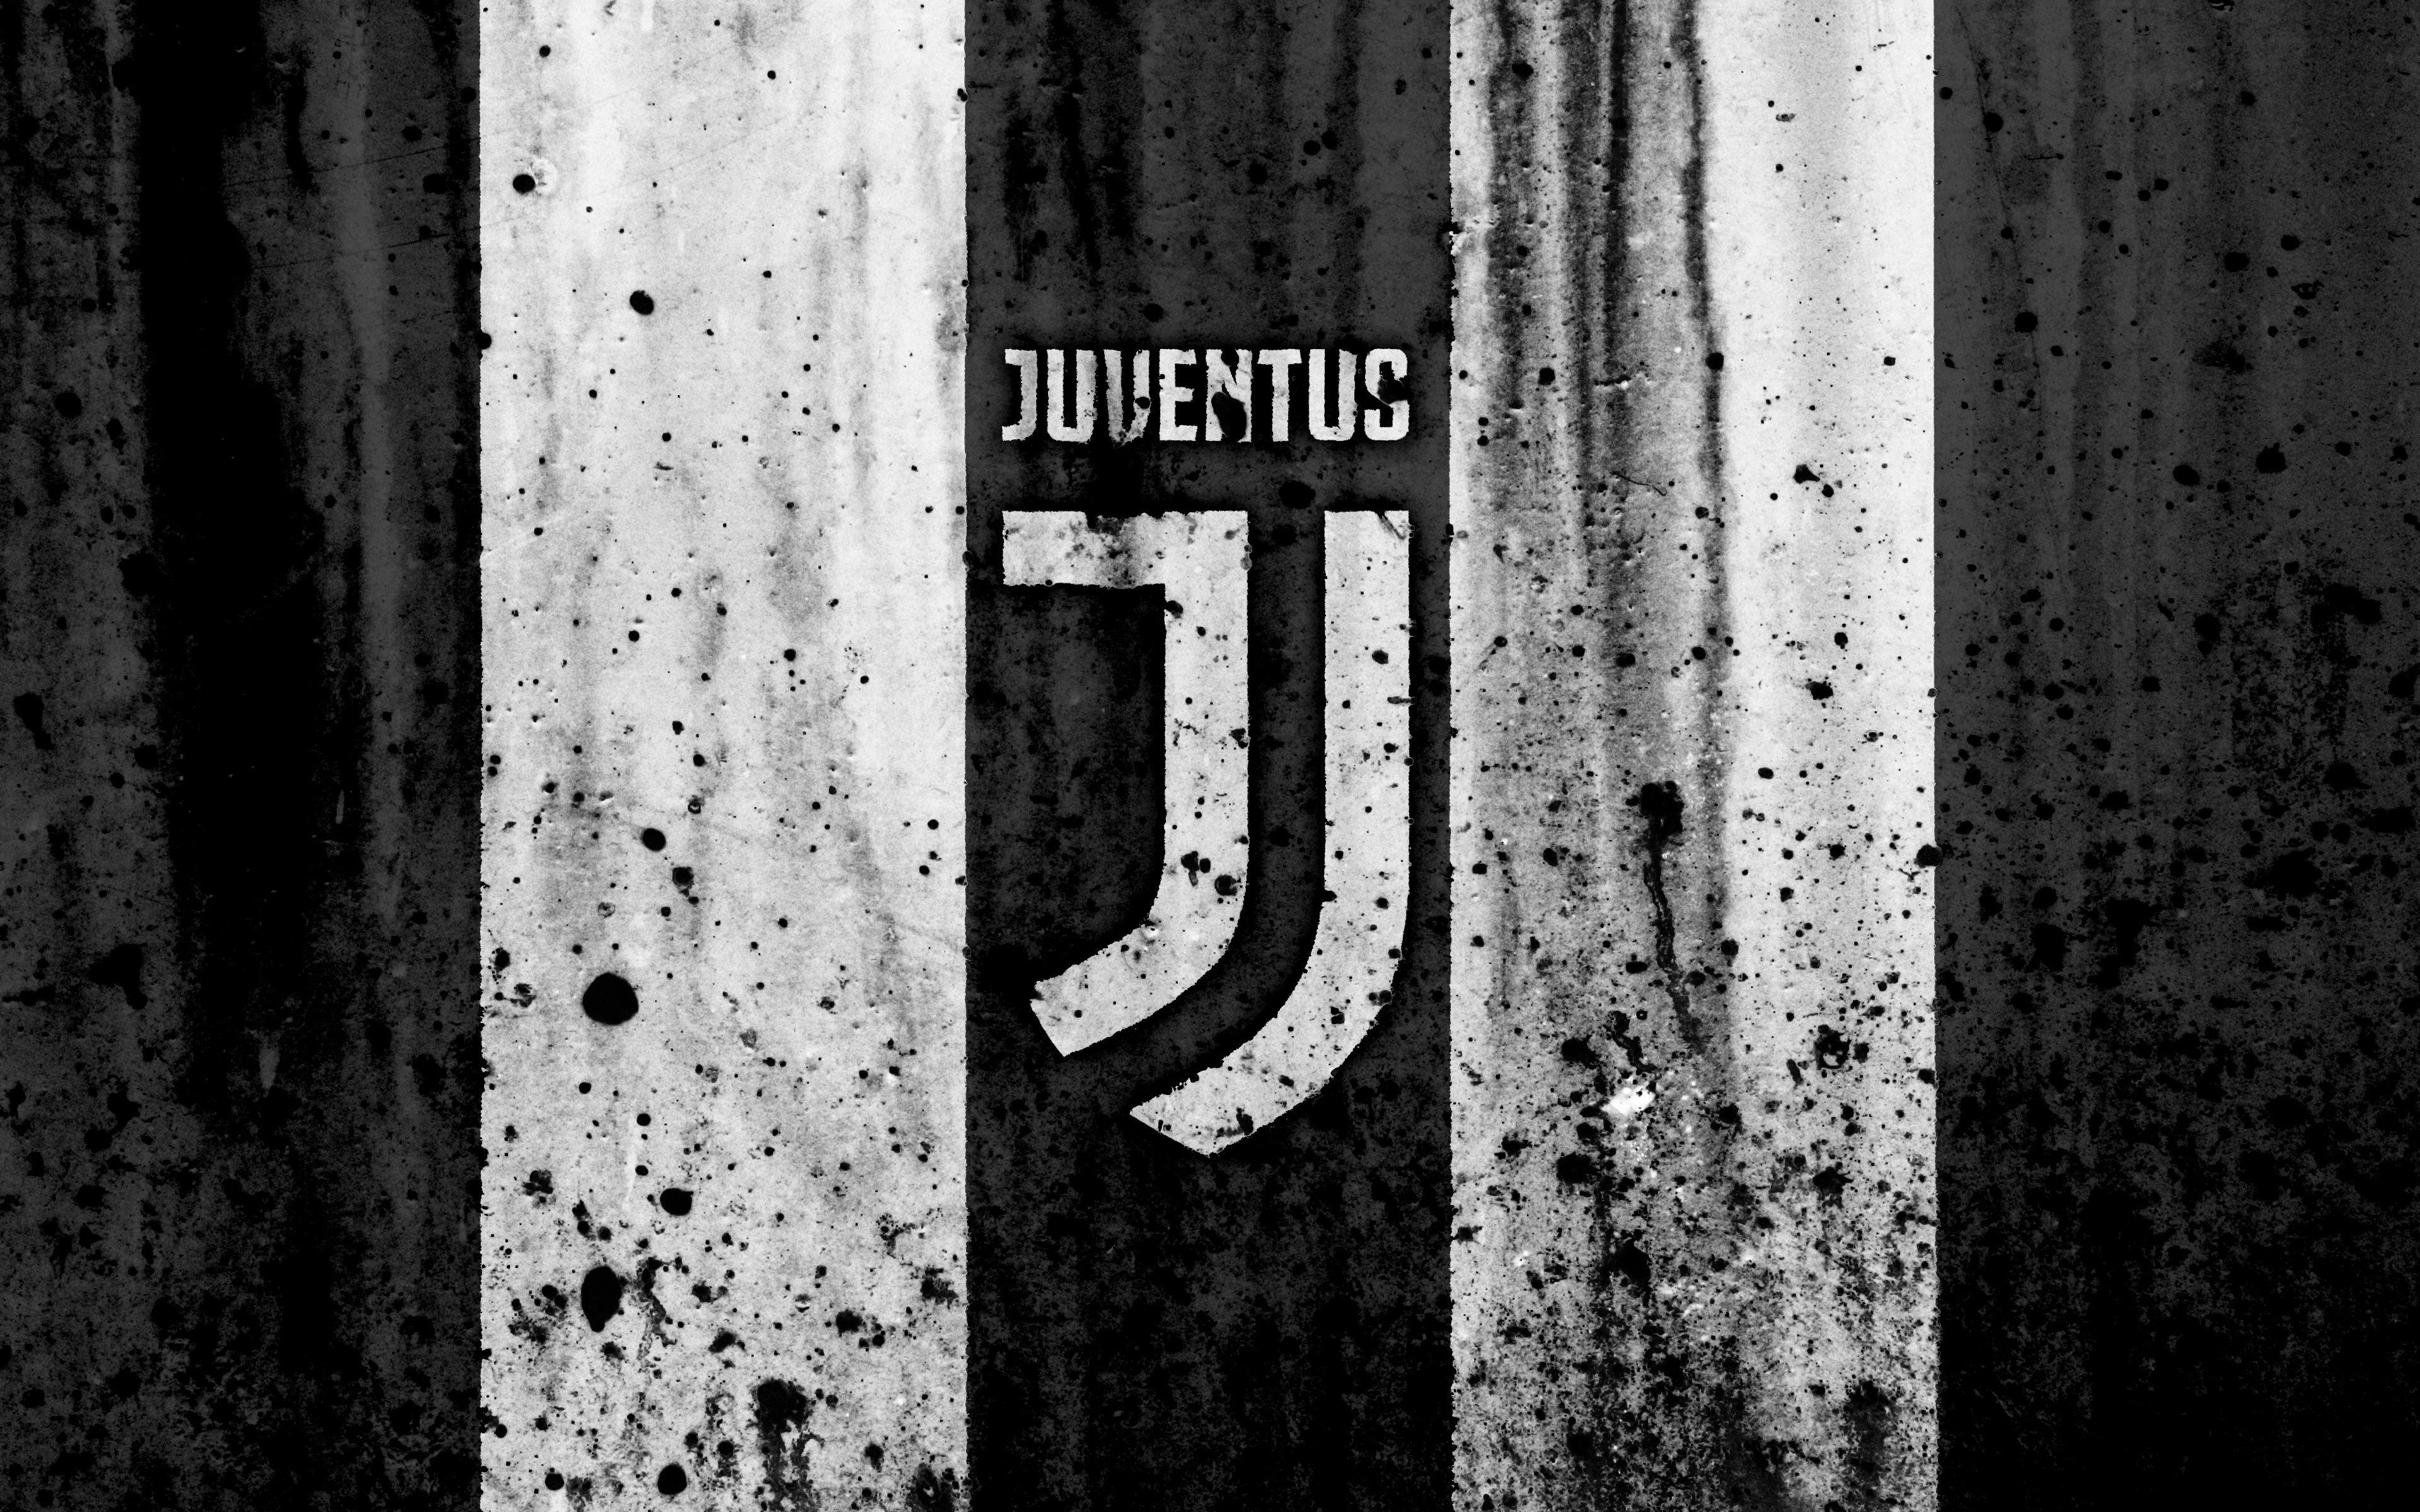 200 ide logo wallpaper juventus di 2020 gambar sepak bola sepak bola olahraga 200 ide logo wallpaper juventus di